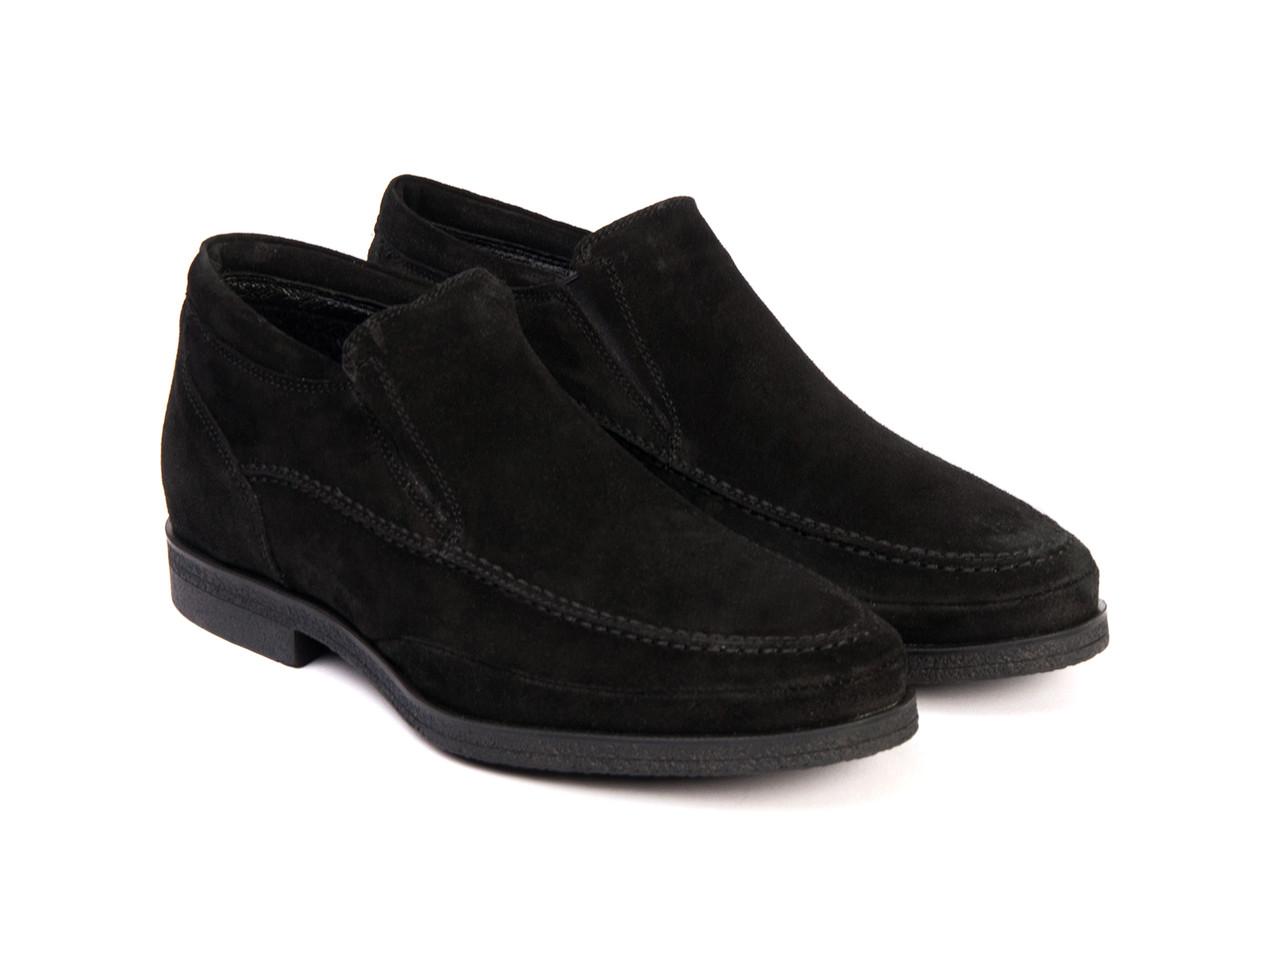 Ботинки Etor 6419-606-060 черные